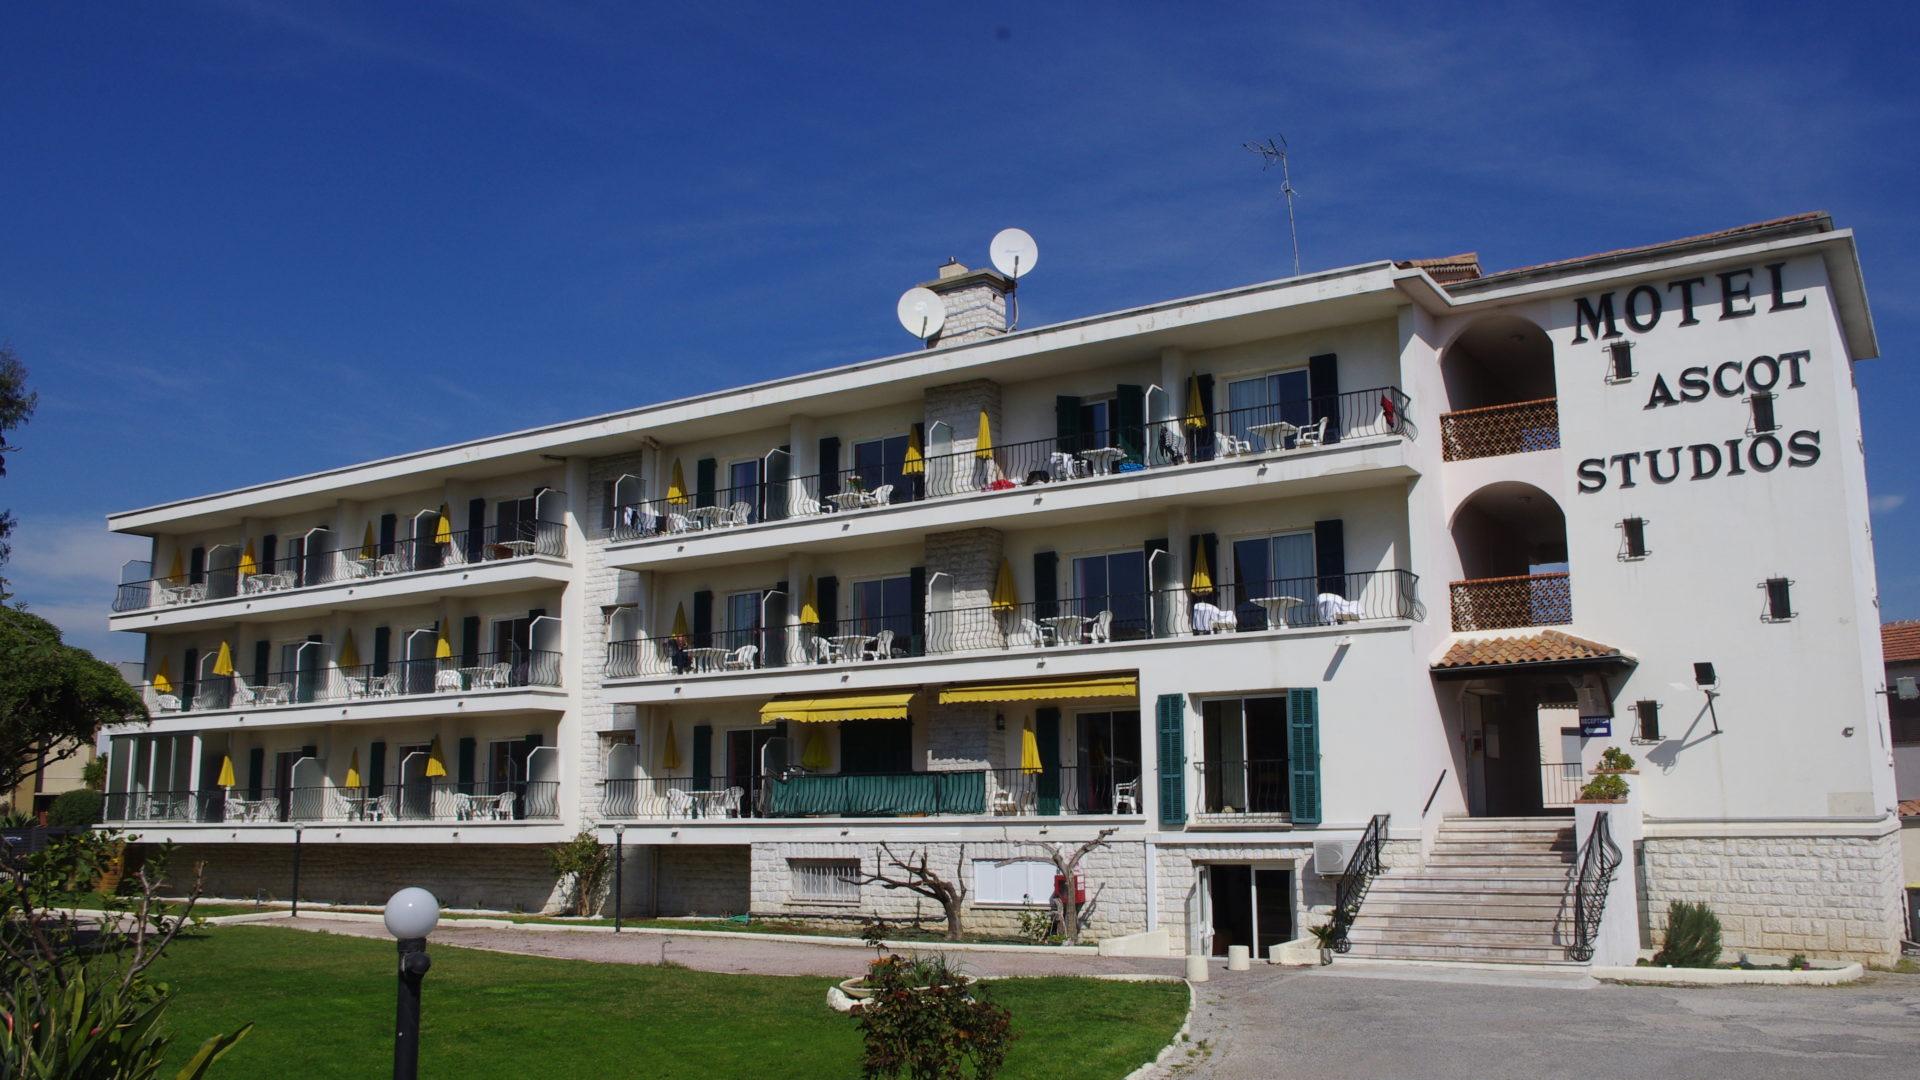 Le bâtiment du Motel Ascot vu de face